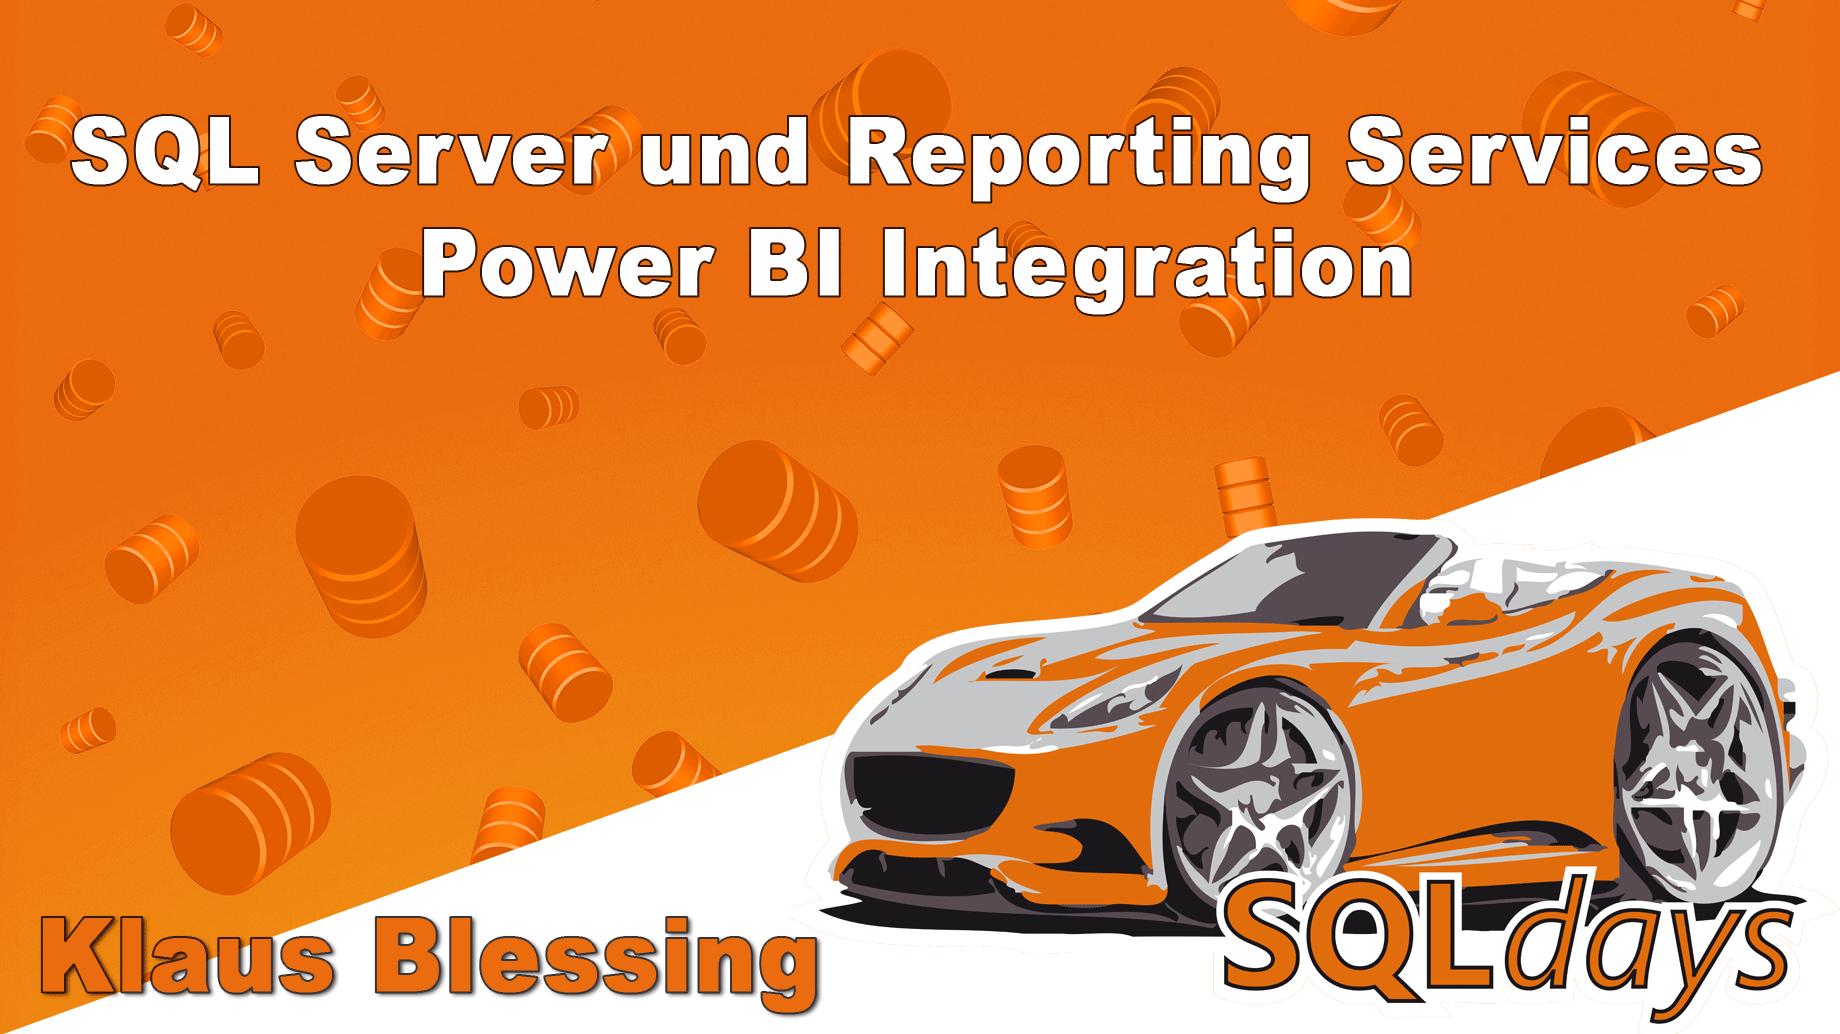 2017/SQLdays/Vortrag1-SQL-Server-Reporting-Services-KlausBlessing